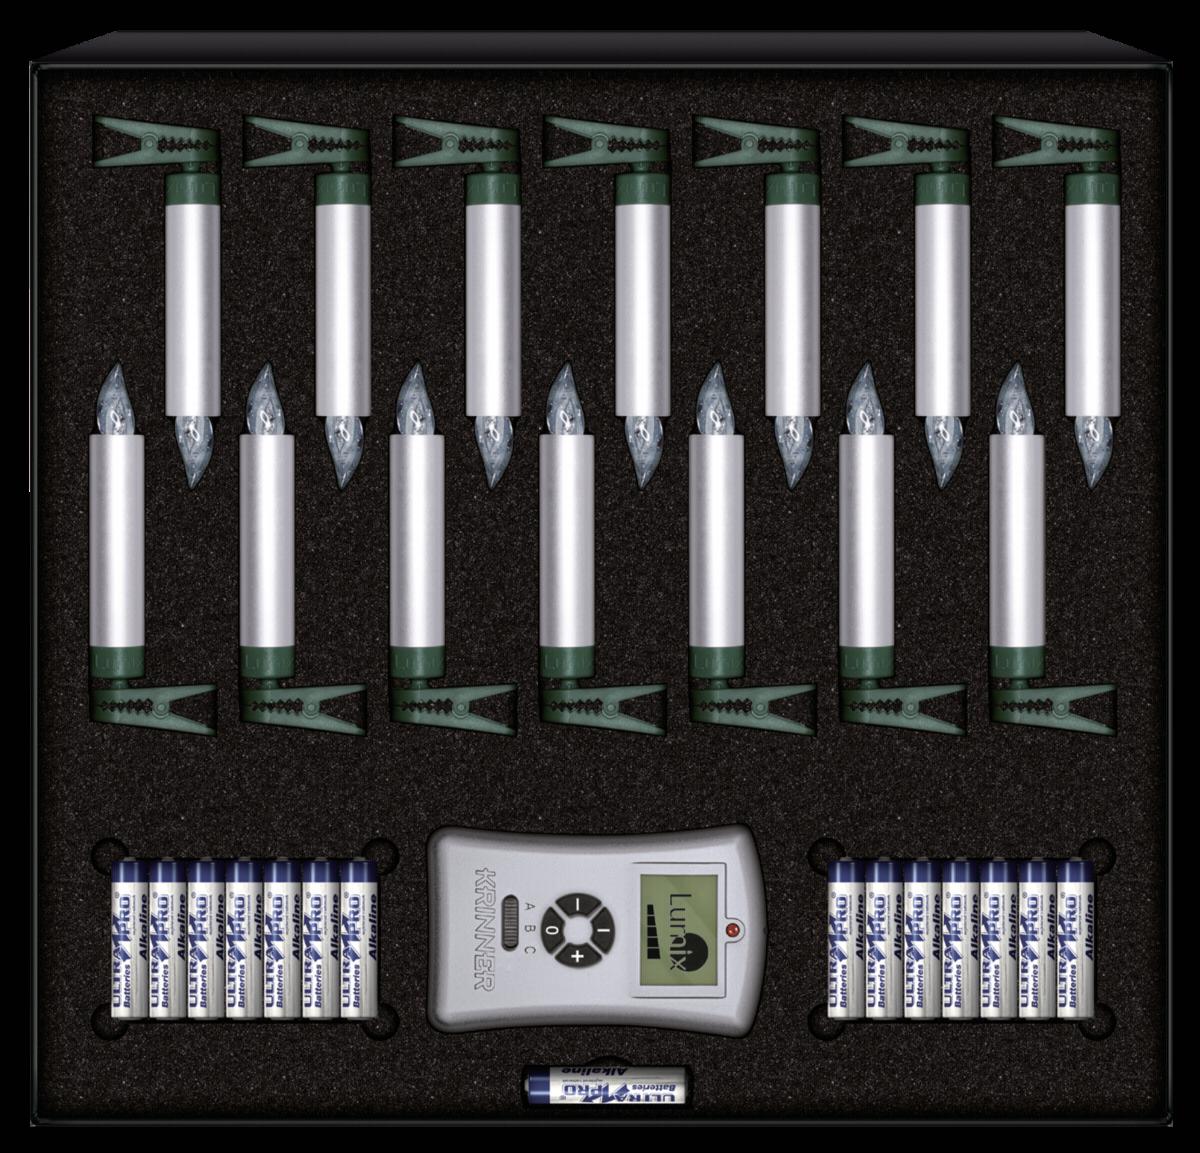 Lumix Weihnachtsbeleuchtung.Krinner Lumix Deluxe Mini 14er Basis Set Silber Kommunikation